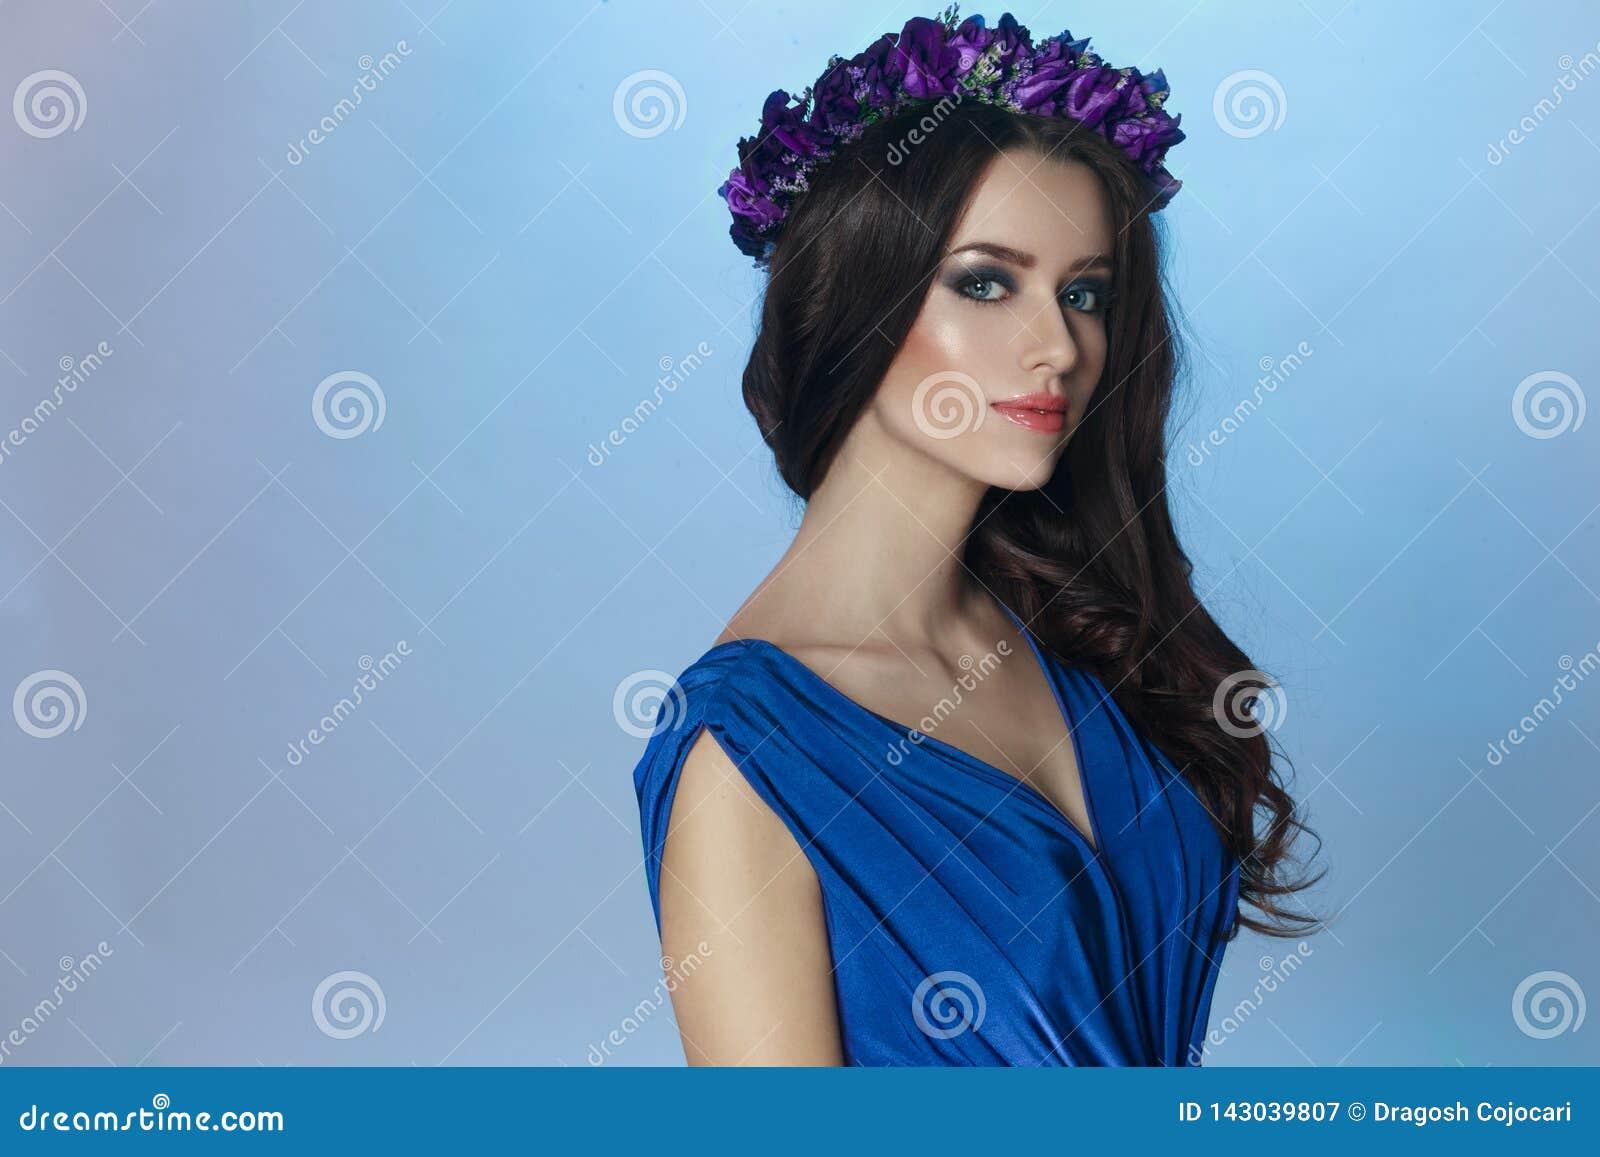 Un beau modèle de brune avec composent et de longs cheveux et couronne bouclés avec des fleurs de violettes sur sa tête